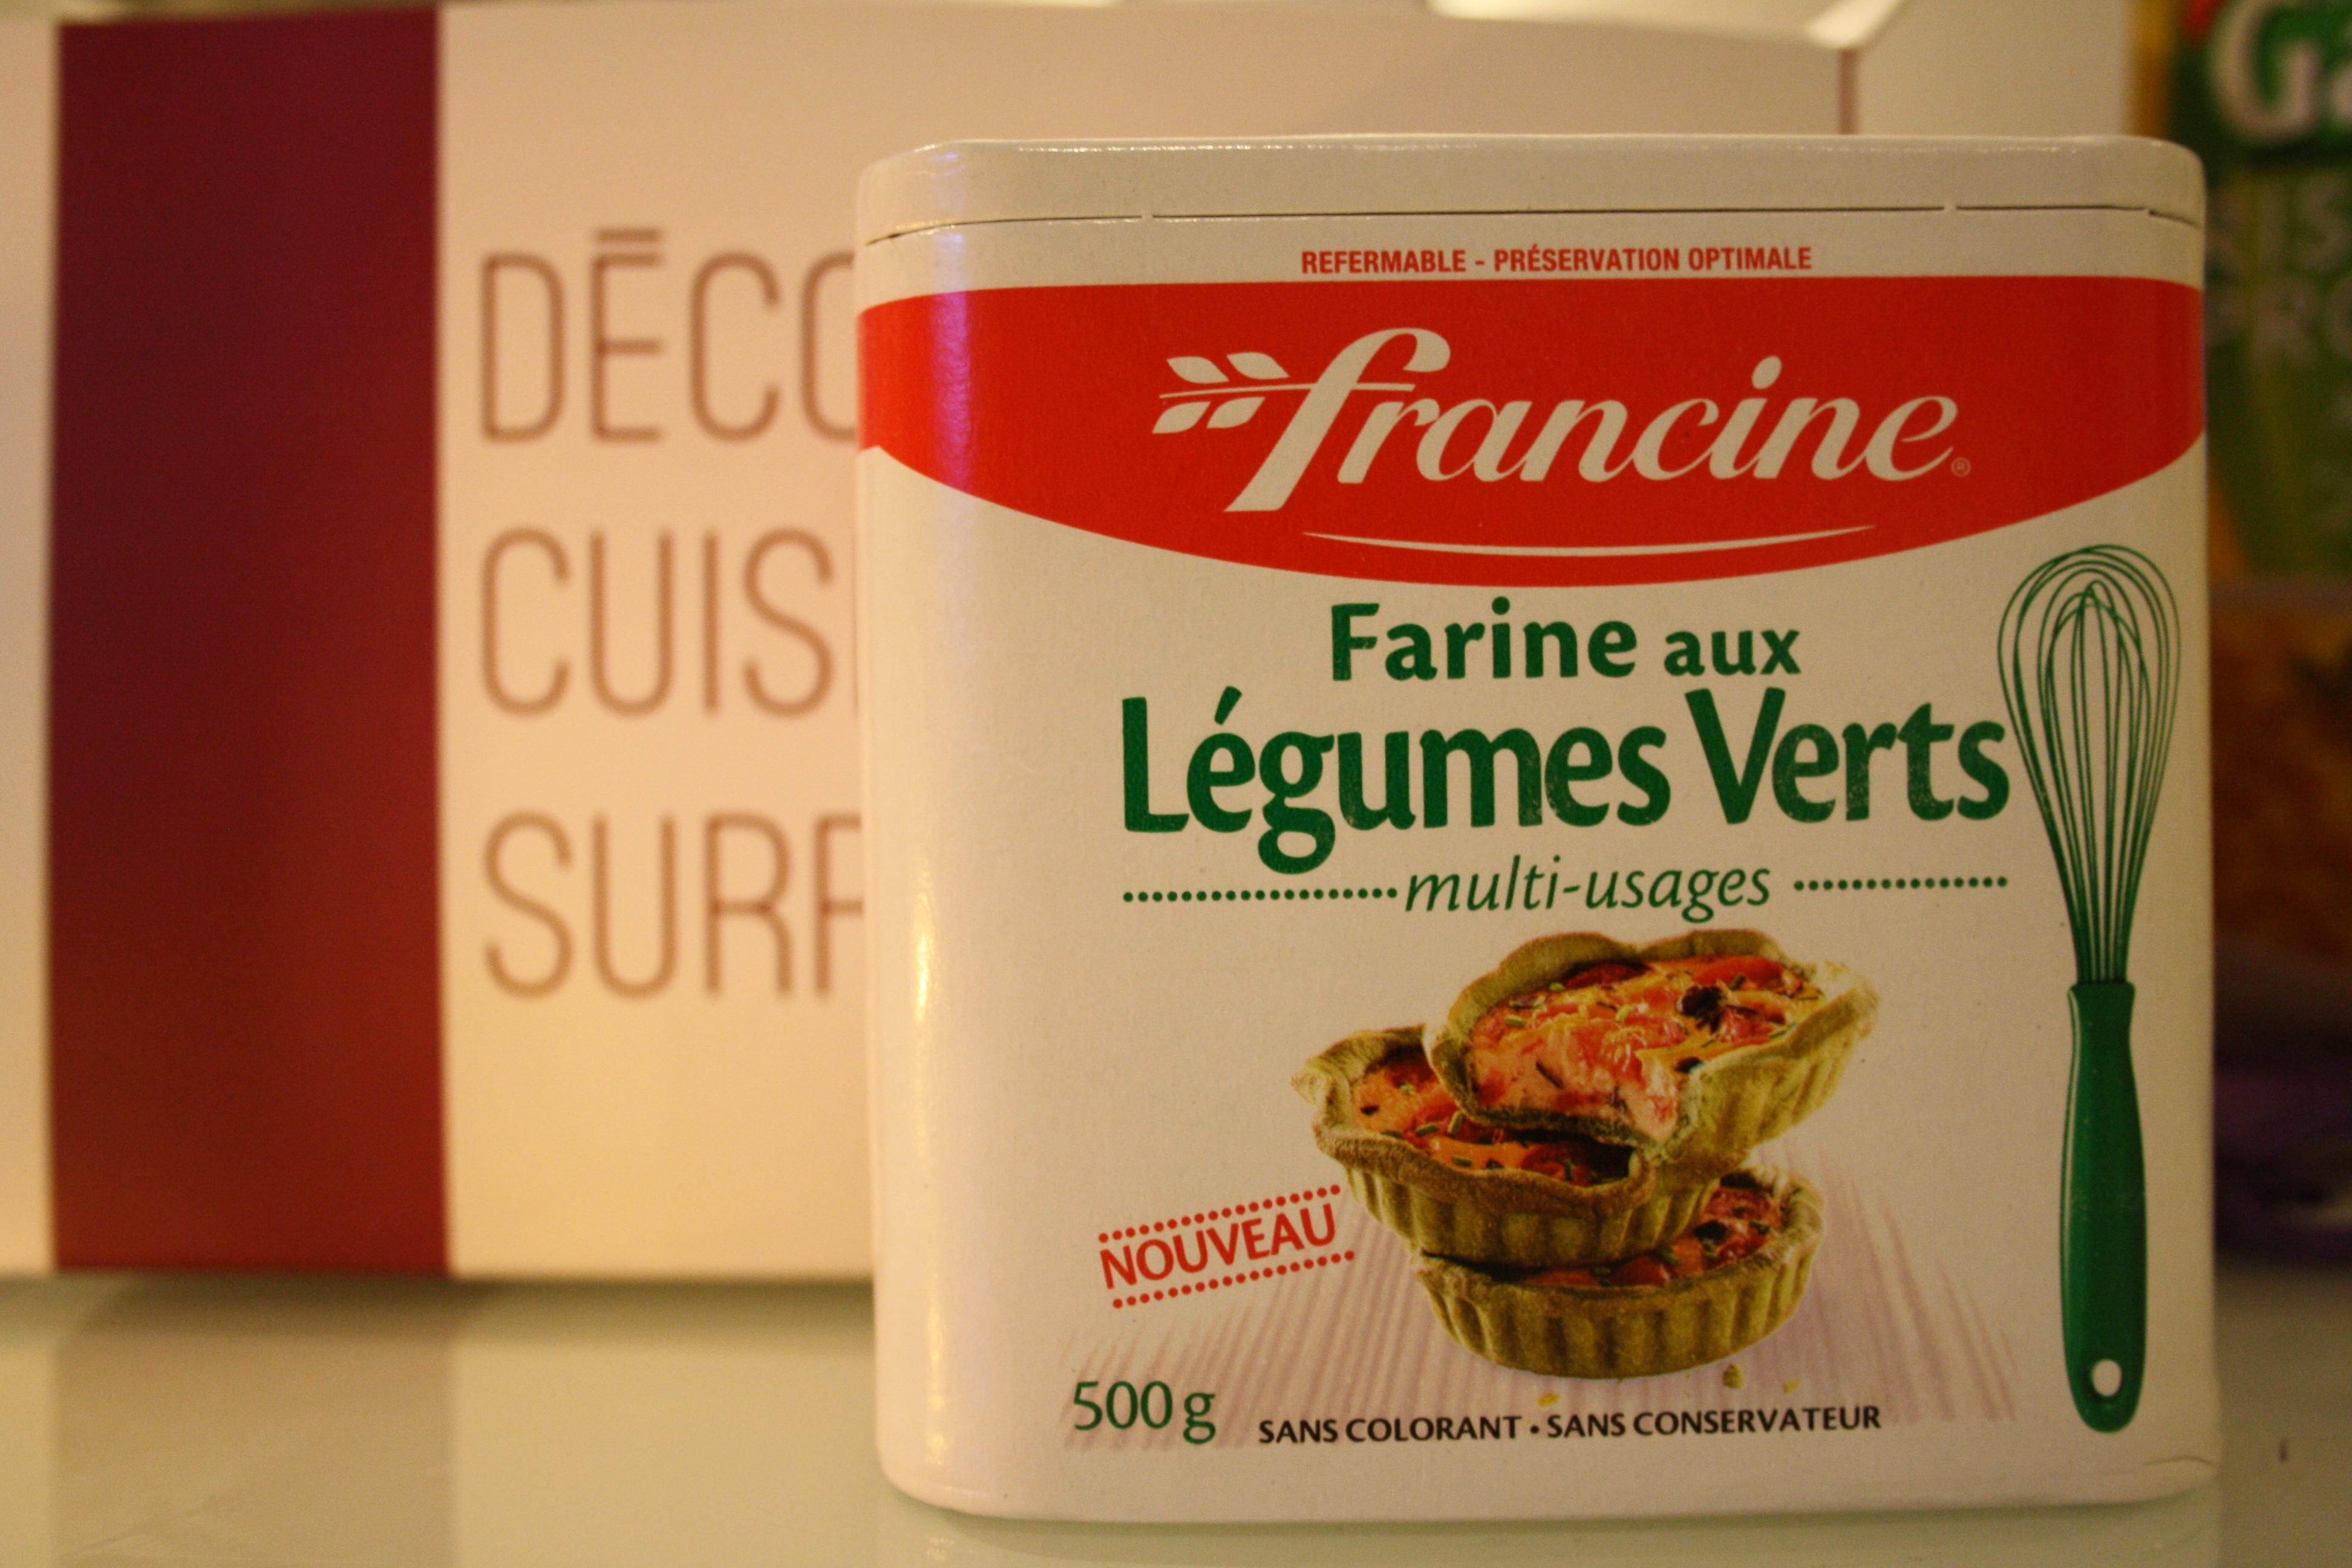 Farine aux Légumes verts - Francine